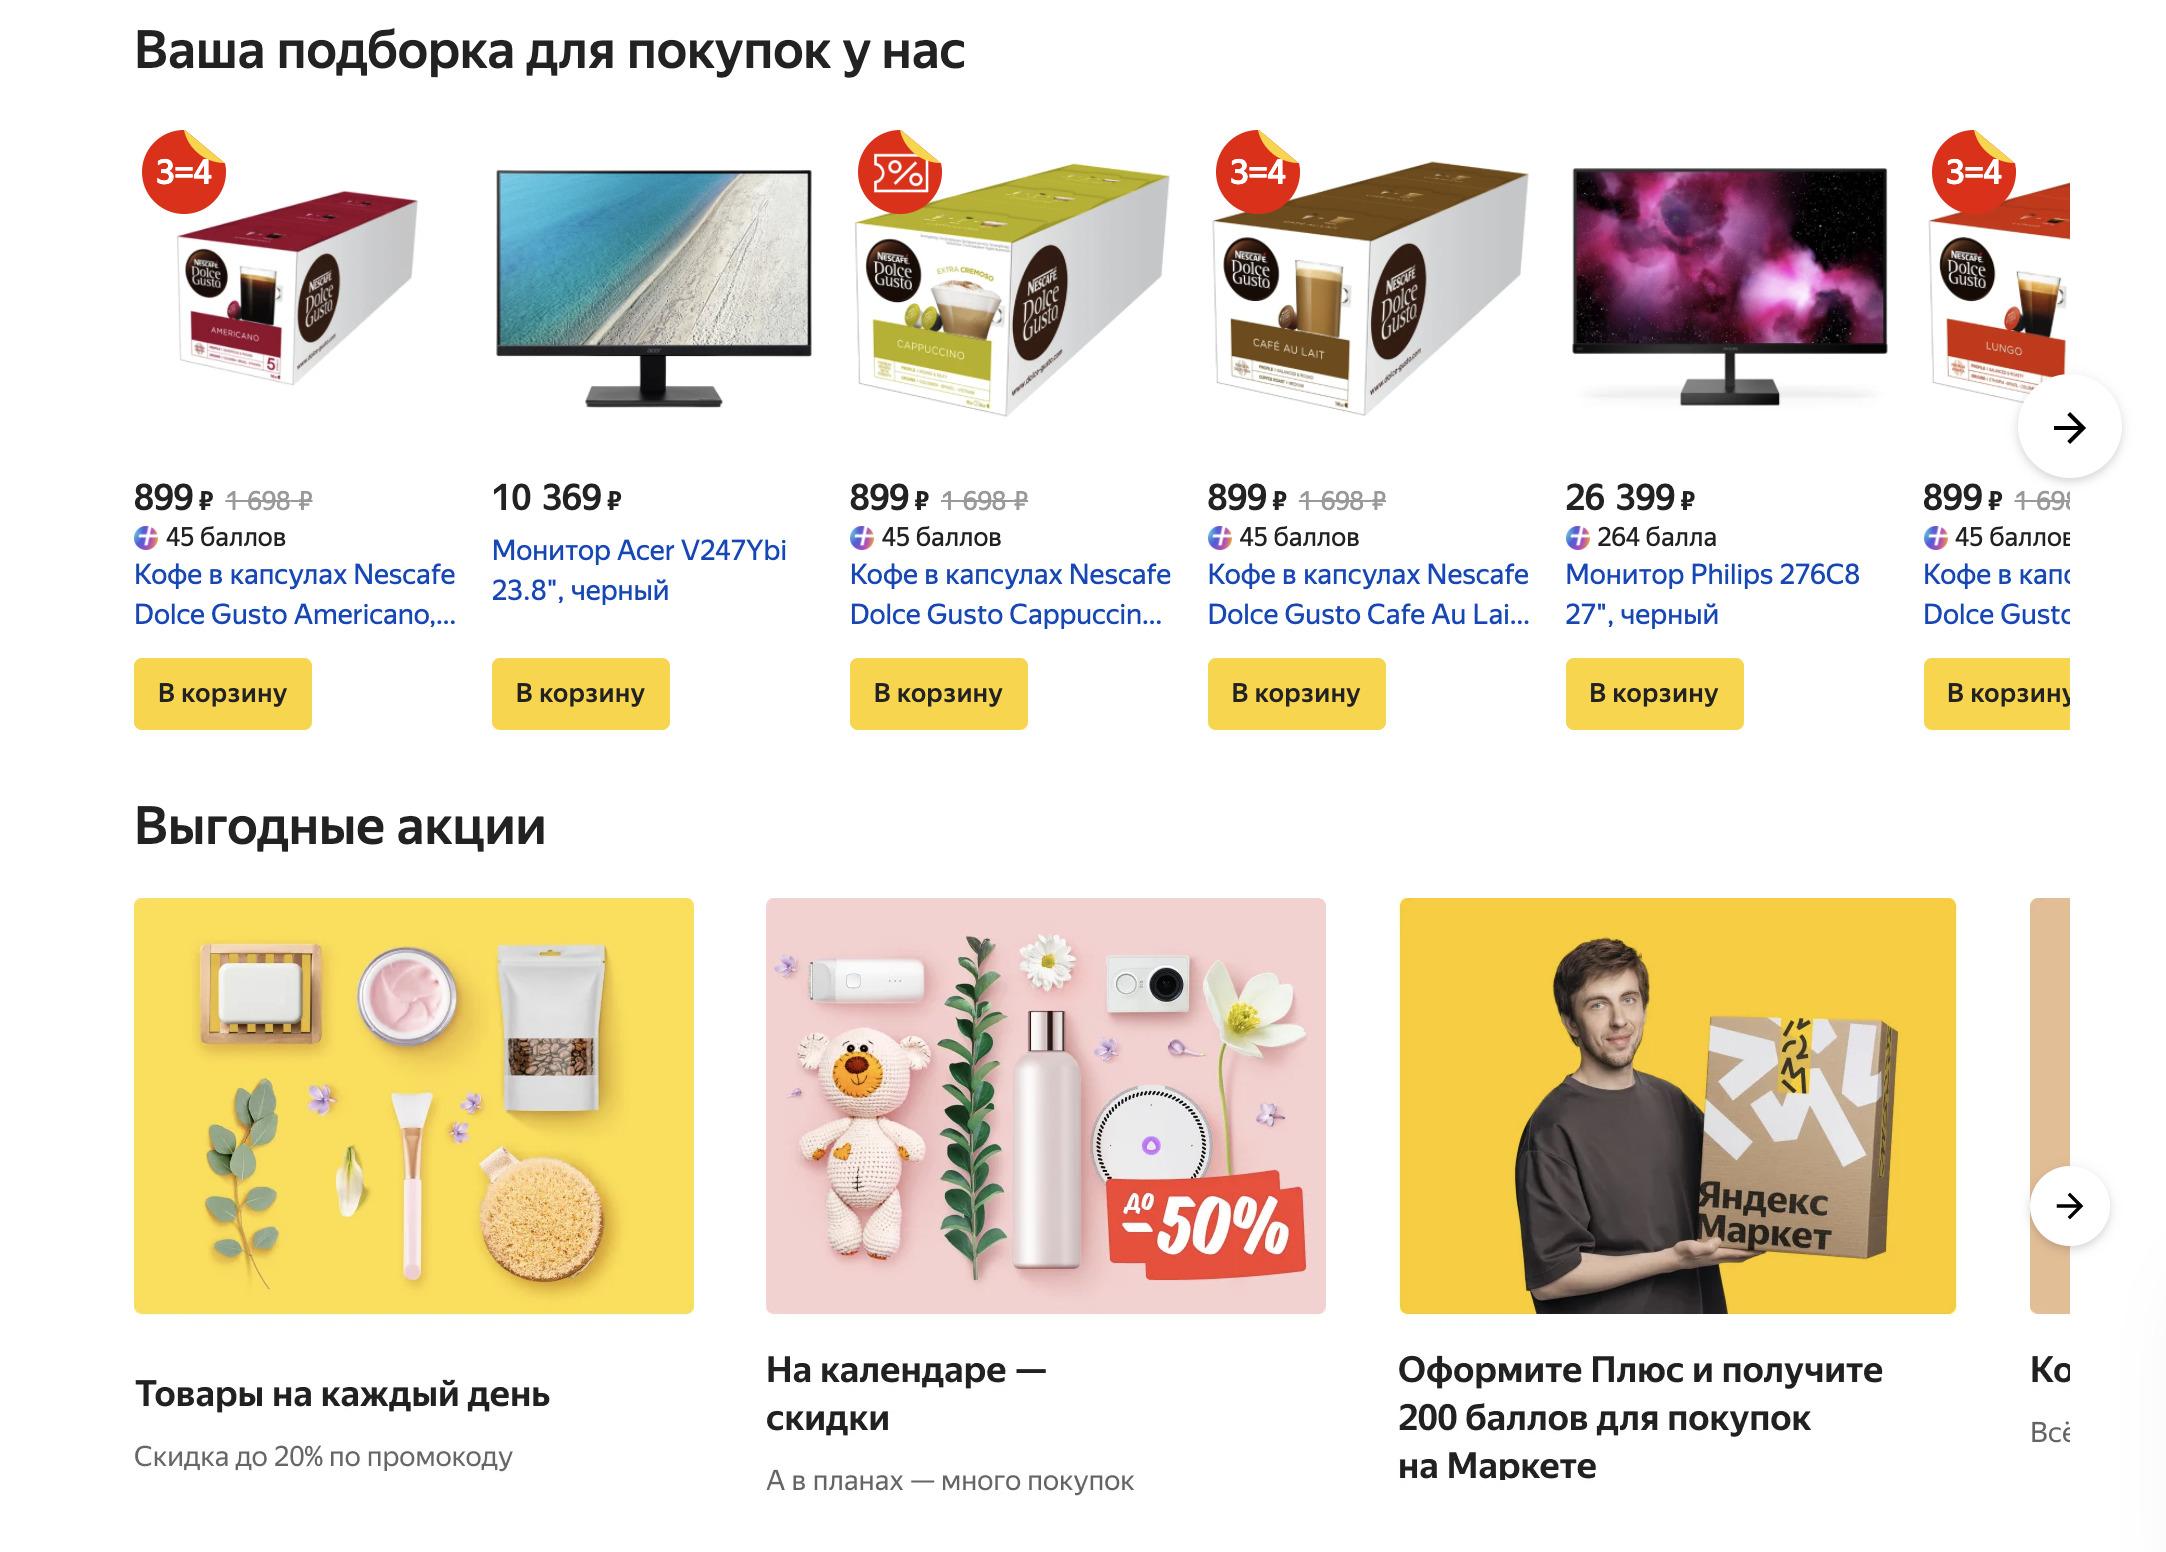 Доставка из Яндекс.Маркет в Юрга, сроки, пункты выдачи, каталог